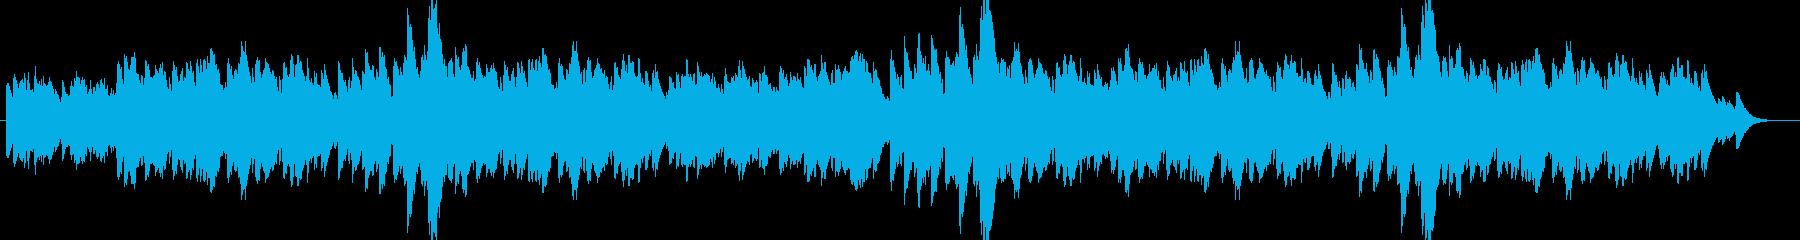 心地よい音色のヒーリングミュージックの再生済みの波形